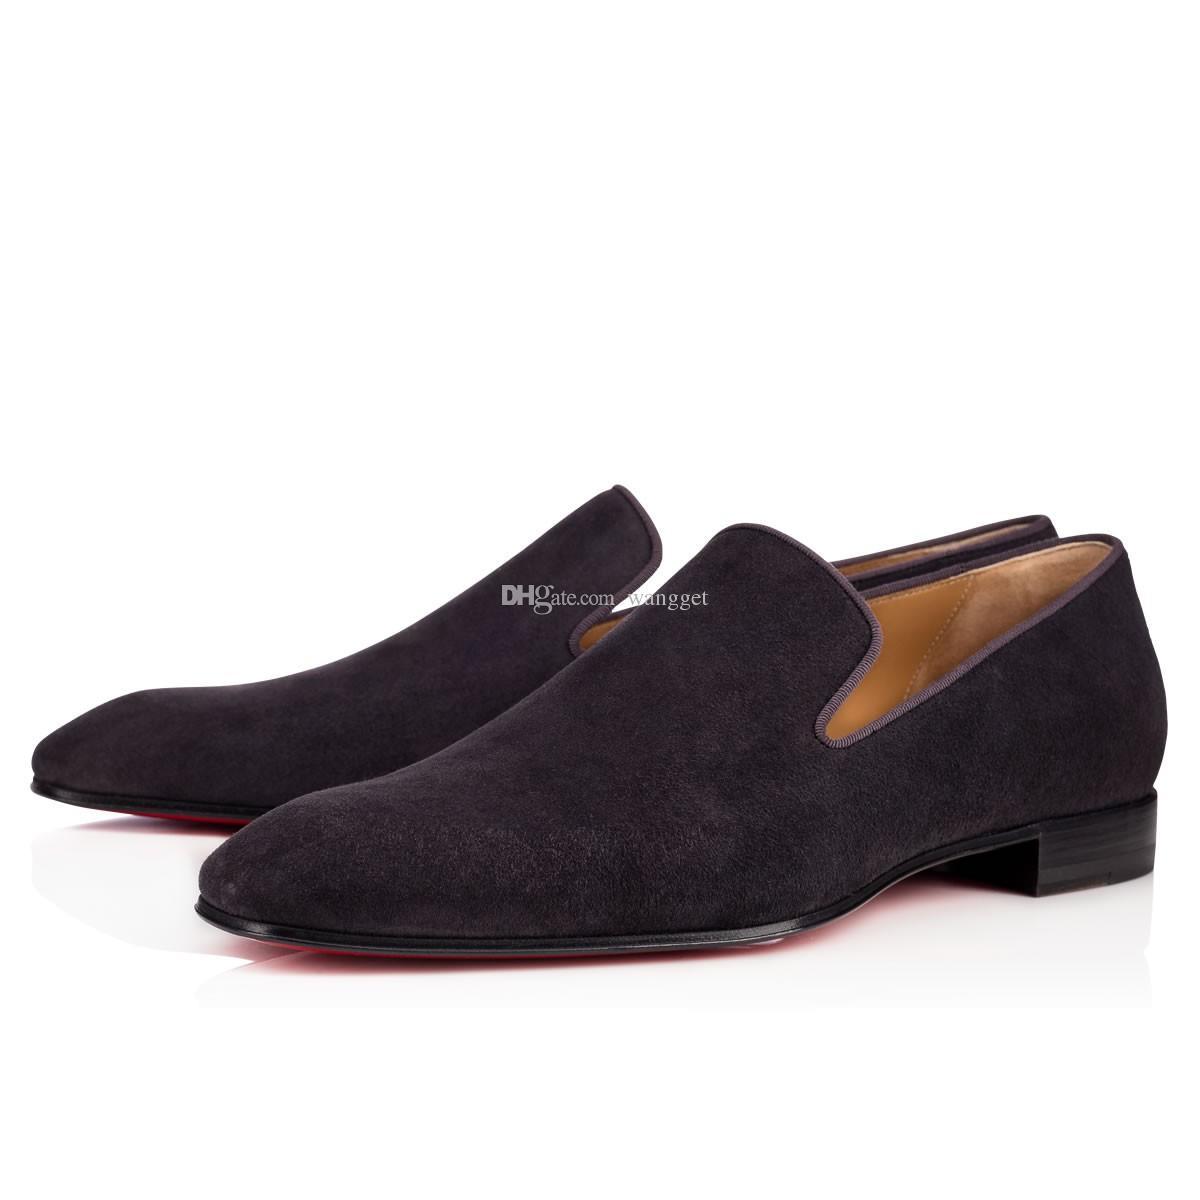 Paris Design Cavalheiro Partido Bussiness Vestido Deslizamento Em Loafers Sapatos Dandelion Sneaker Vermelho Inferior Oxford, Luxo Lazer Moda Masculina Plana